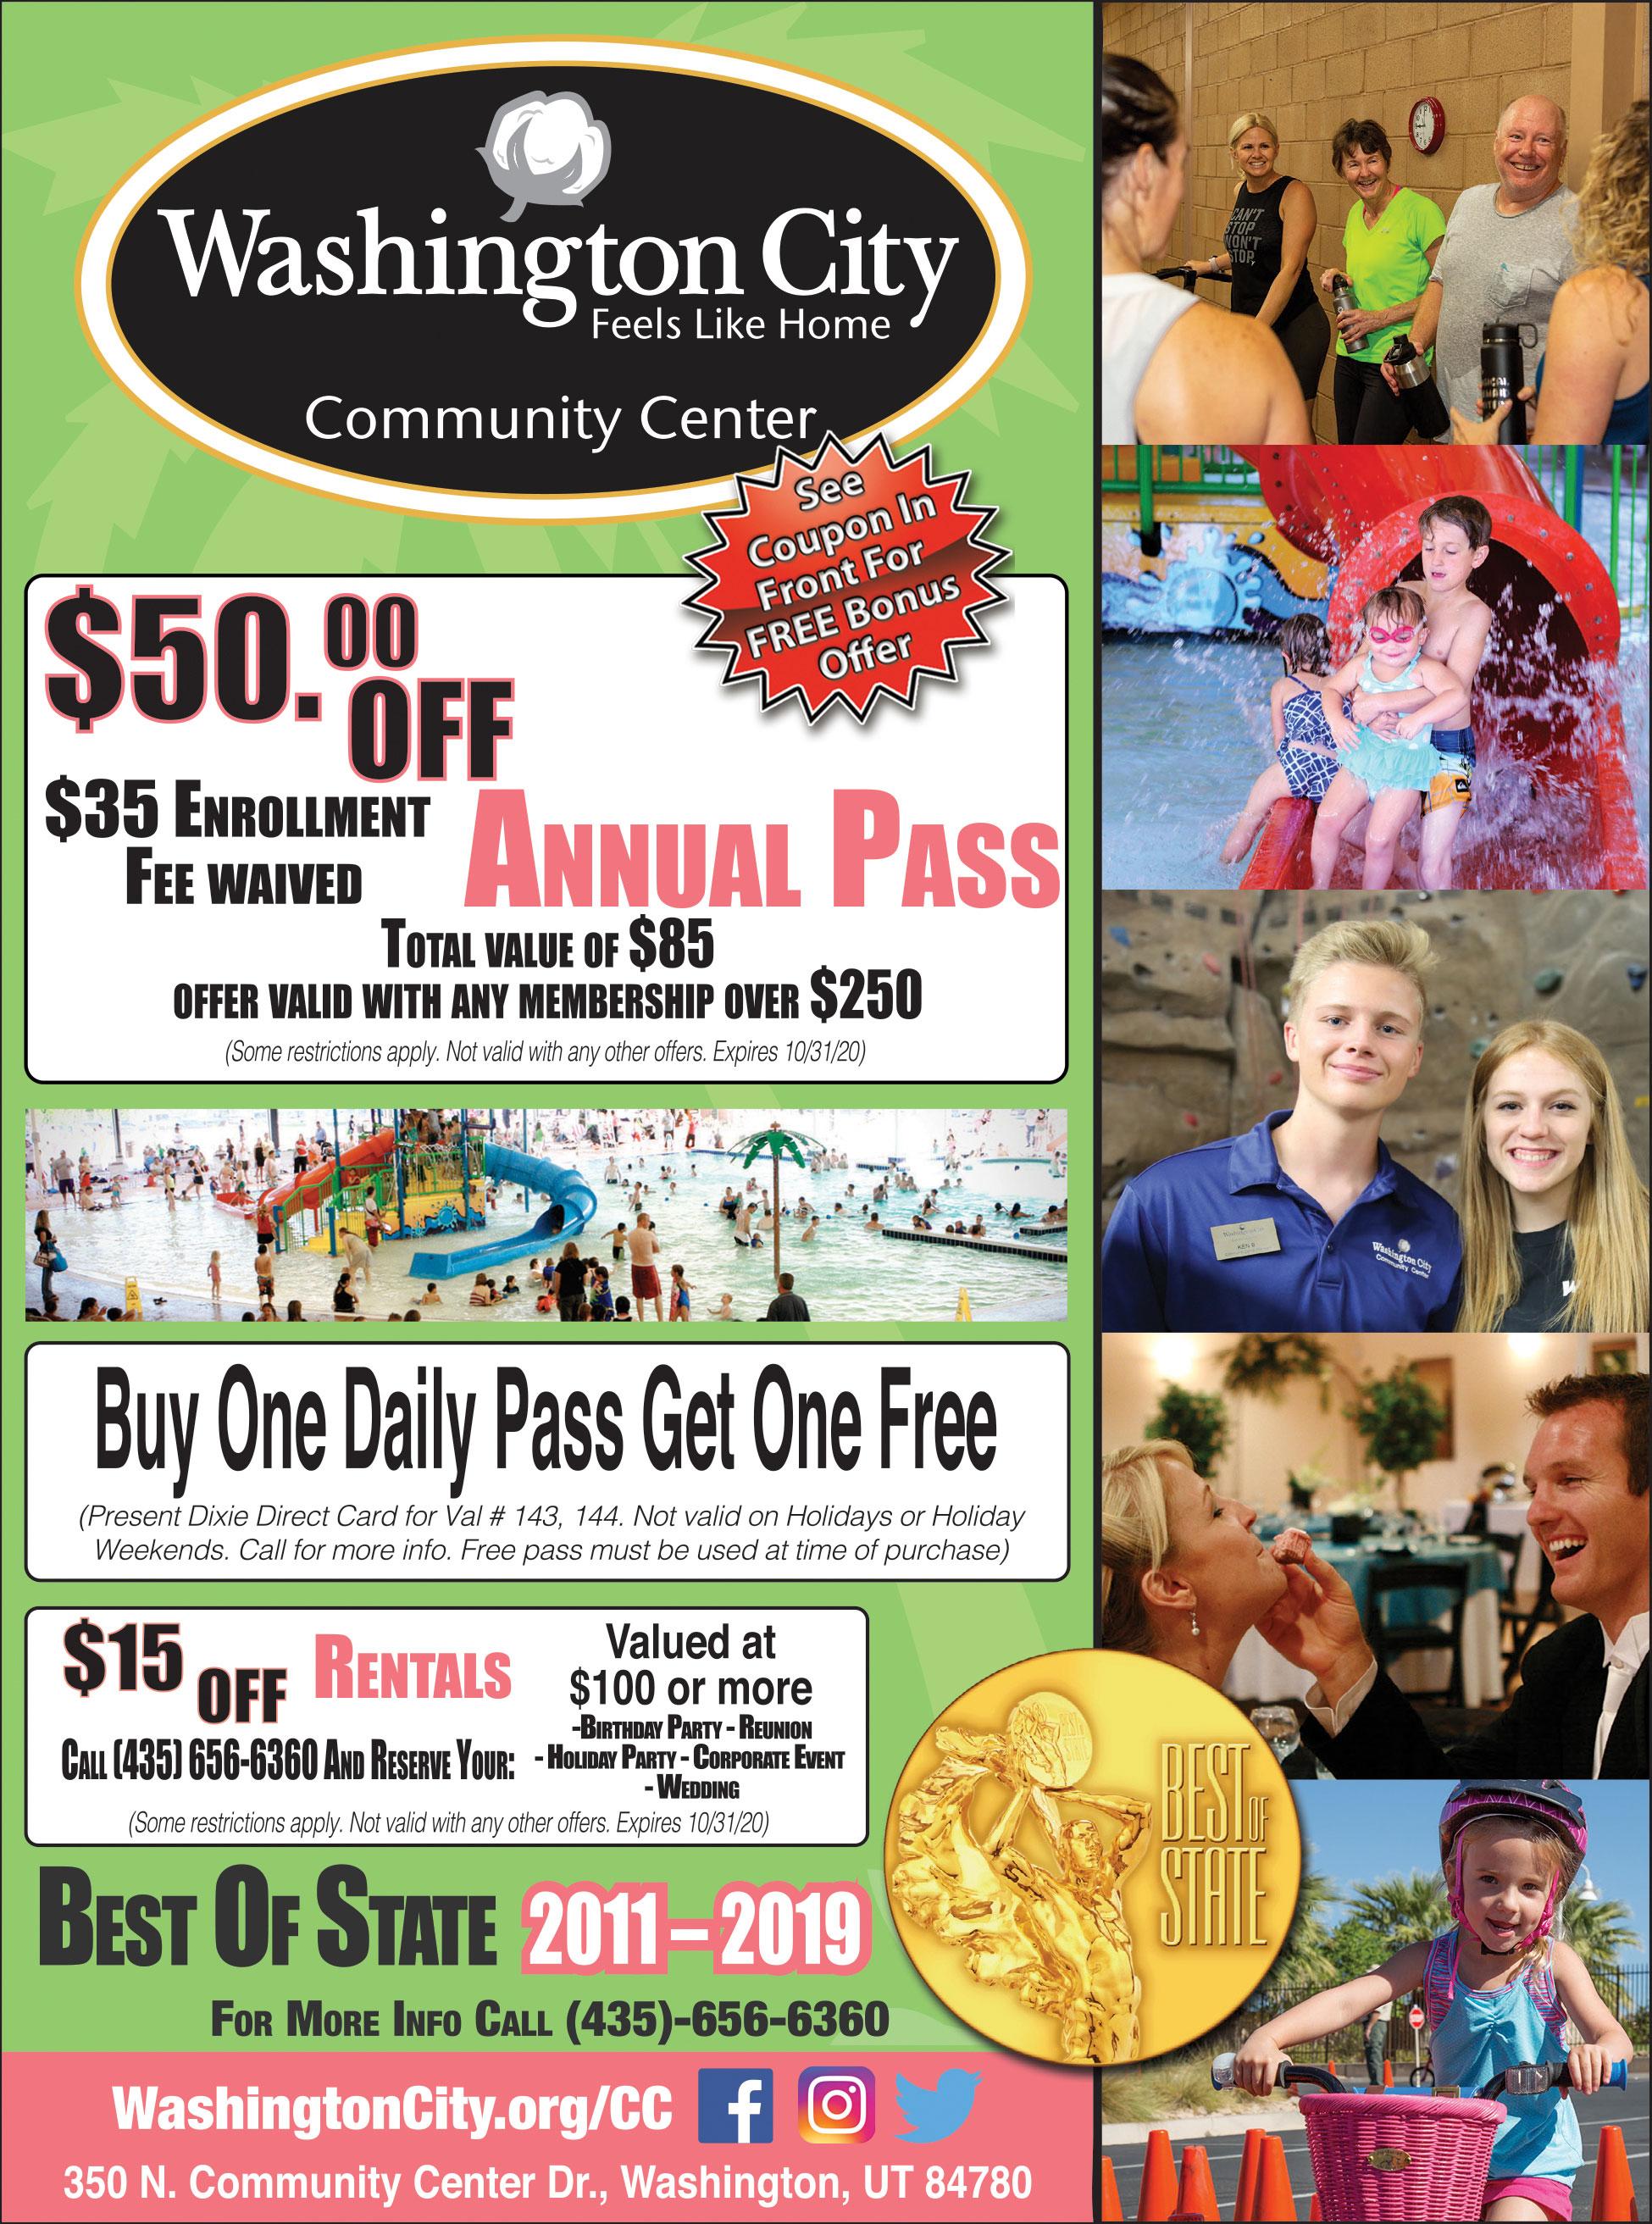 Washington City Community Center